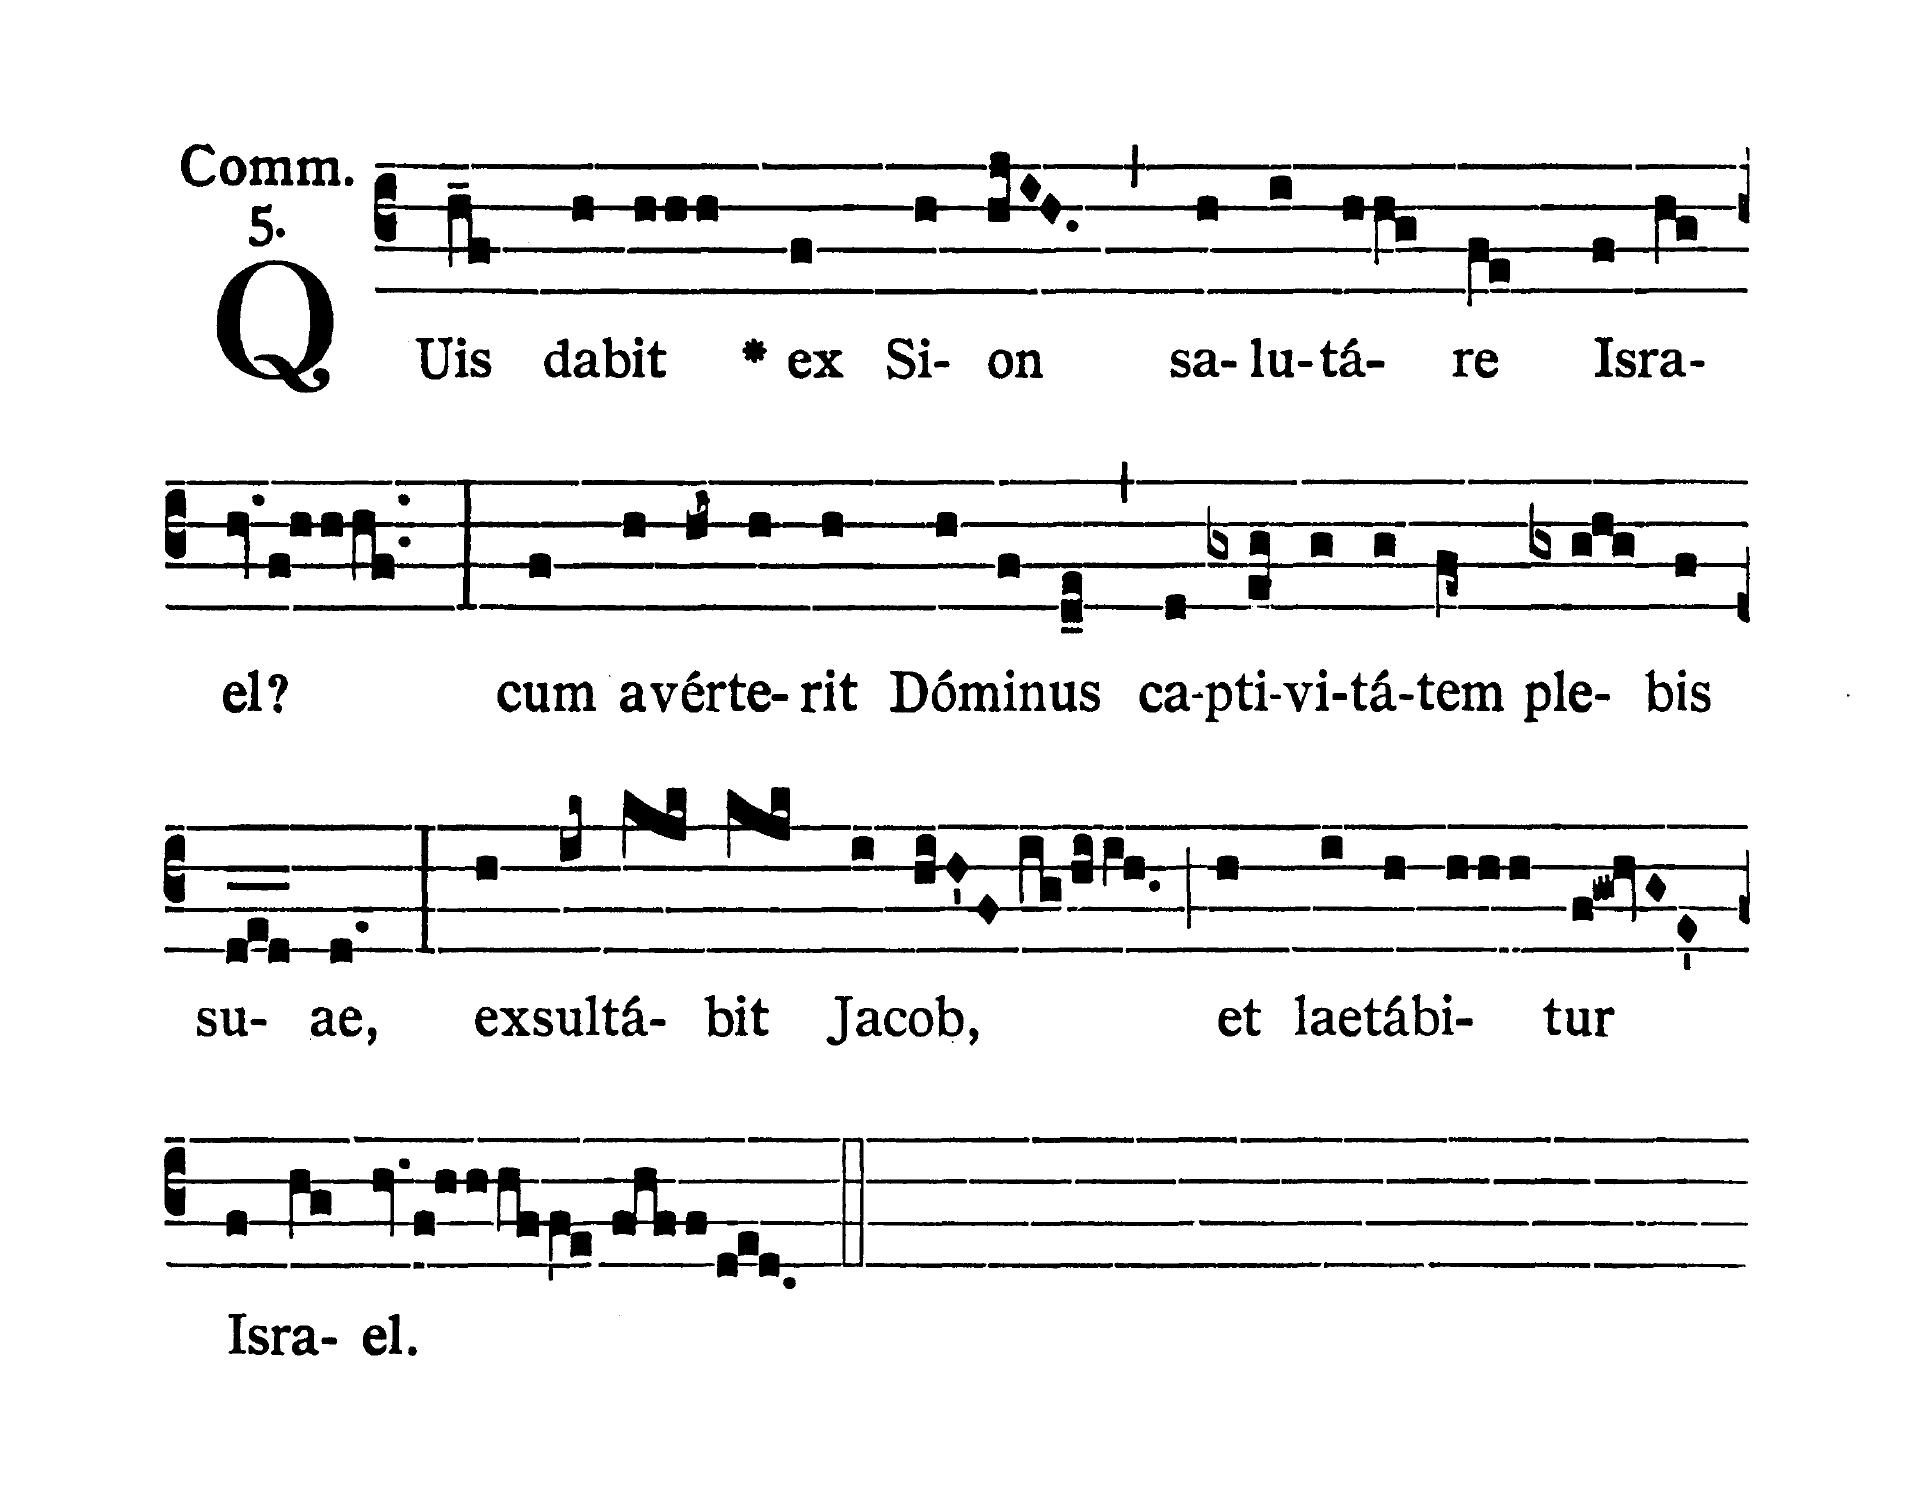 Feria II post Dominicam III Quadragesimae (Monday after Third Sunday of Lent) - Communio (Quis dabit)